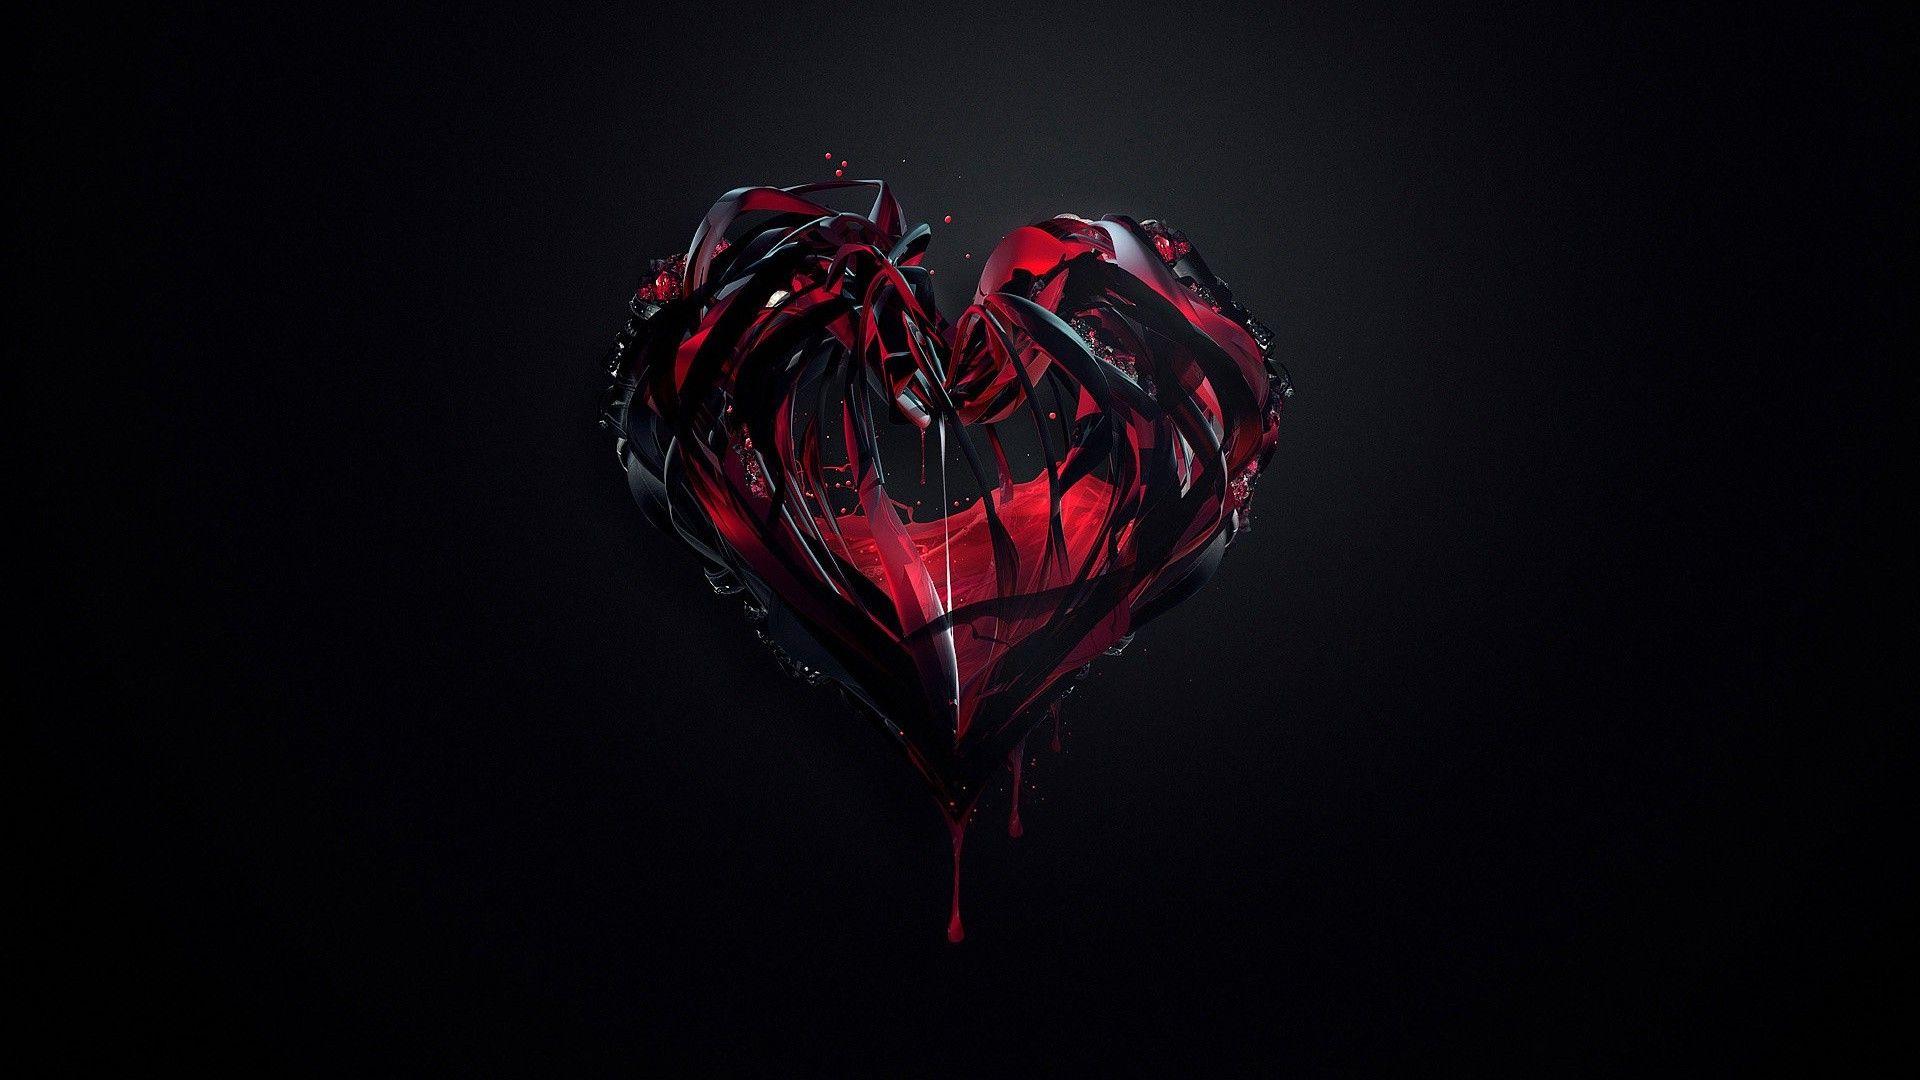 Black Heart Picture, Broken